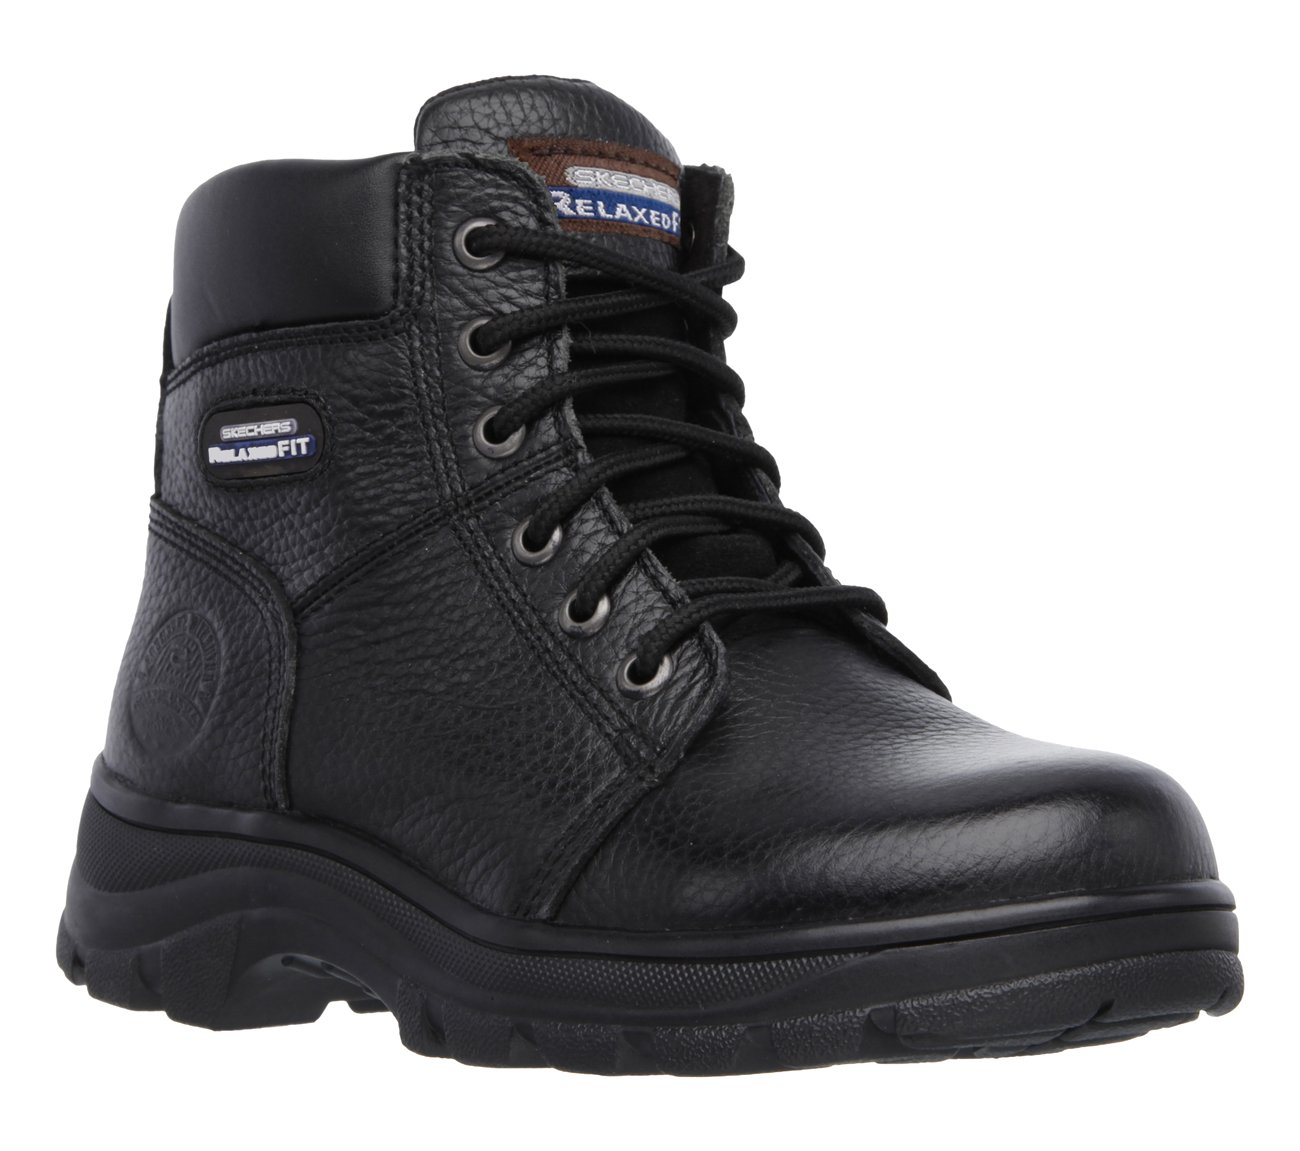 Skechers Work Womens Workshire - Fitton B01681EQWW 7.5 B(M) US|Black